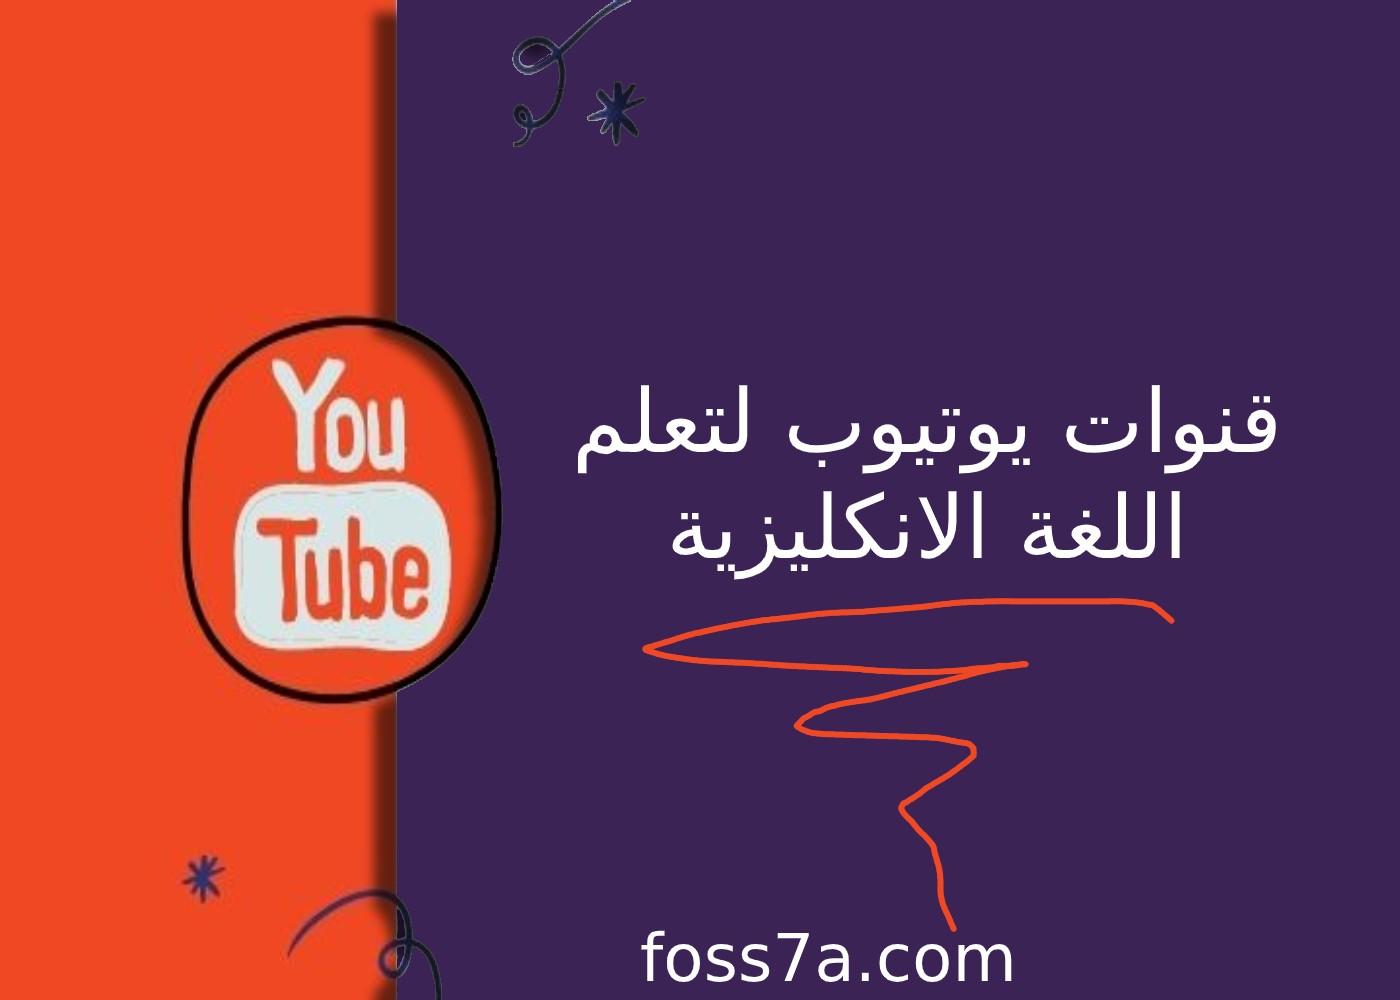 قنوات يوتيوب لتعلم اللغة الانكليزية